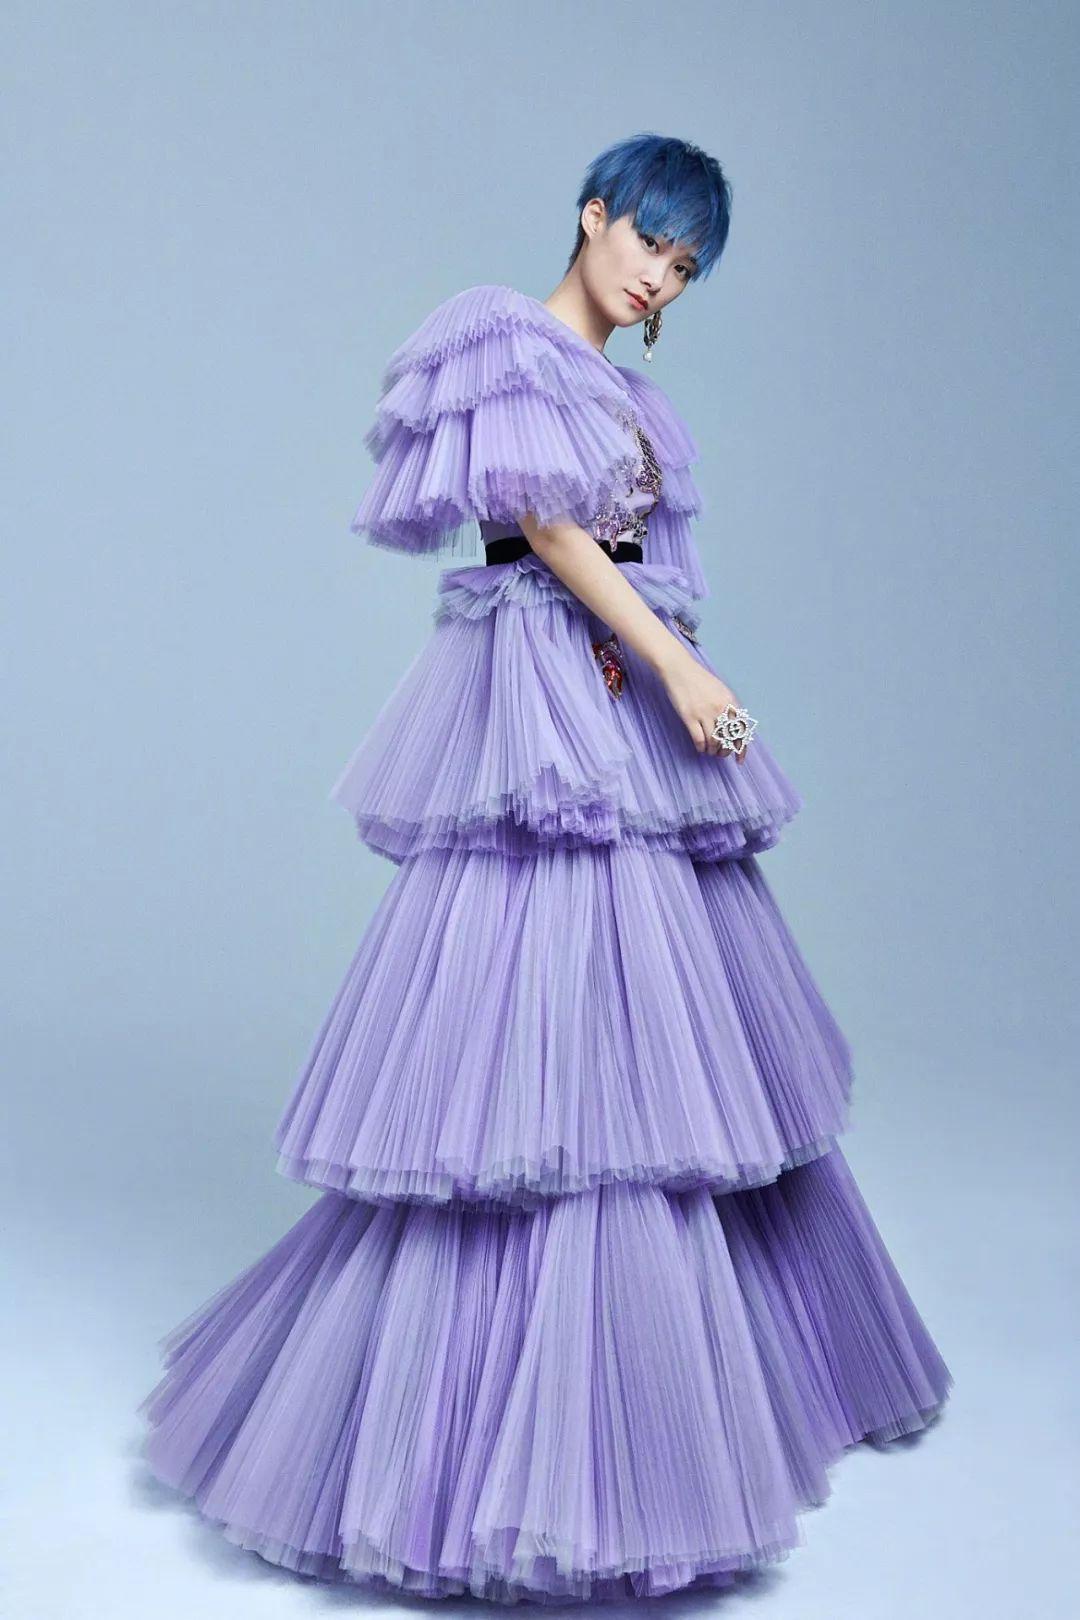 曾说绝不穿裙子的李宇春如今痴迷大长裙,这13年发生了什么?